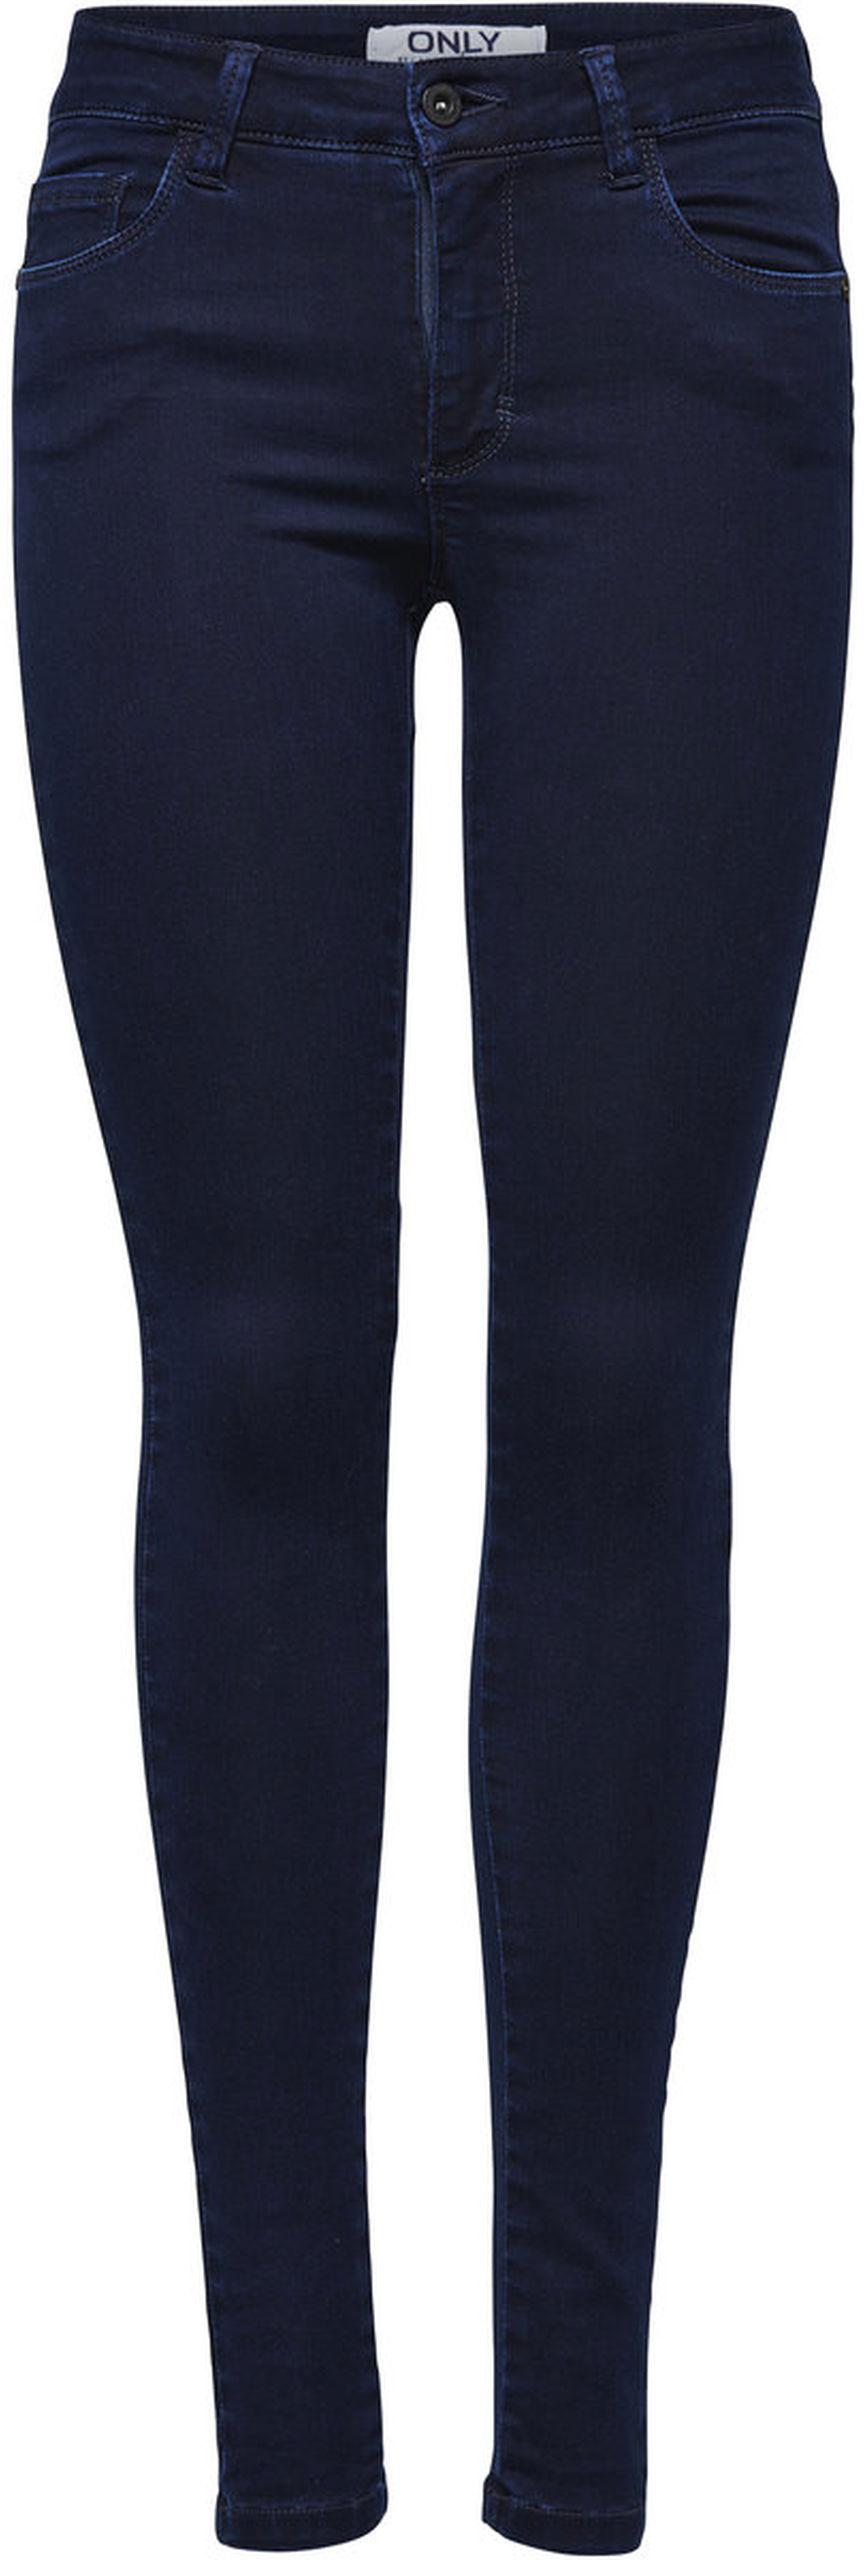 Джинсы женские Only, цвет: темно-синий. 15092651_Dark Blue Denim. Размер XS-34 (40/42-34)15092651_Dark Blue DenimСтильные женские джинсы Only выполнены из хлопка с добавлением полиэстера и эластана. Материал мягкий и приятный на ощупь, не сковывает движения и дарит комфорт. Джинсы-скинни с заниженной посадкой застегиваются на пуговицу в поясе и ширинку на застежке-молнии. На поясе предусмотрены шлевки для ремня. Спереди модель дополнена двумя втачными карманами и одним накладным кармашком, сзади - двумя накладными карманами. Модель оформлена контрастной прострочкой.